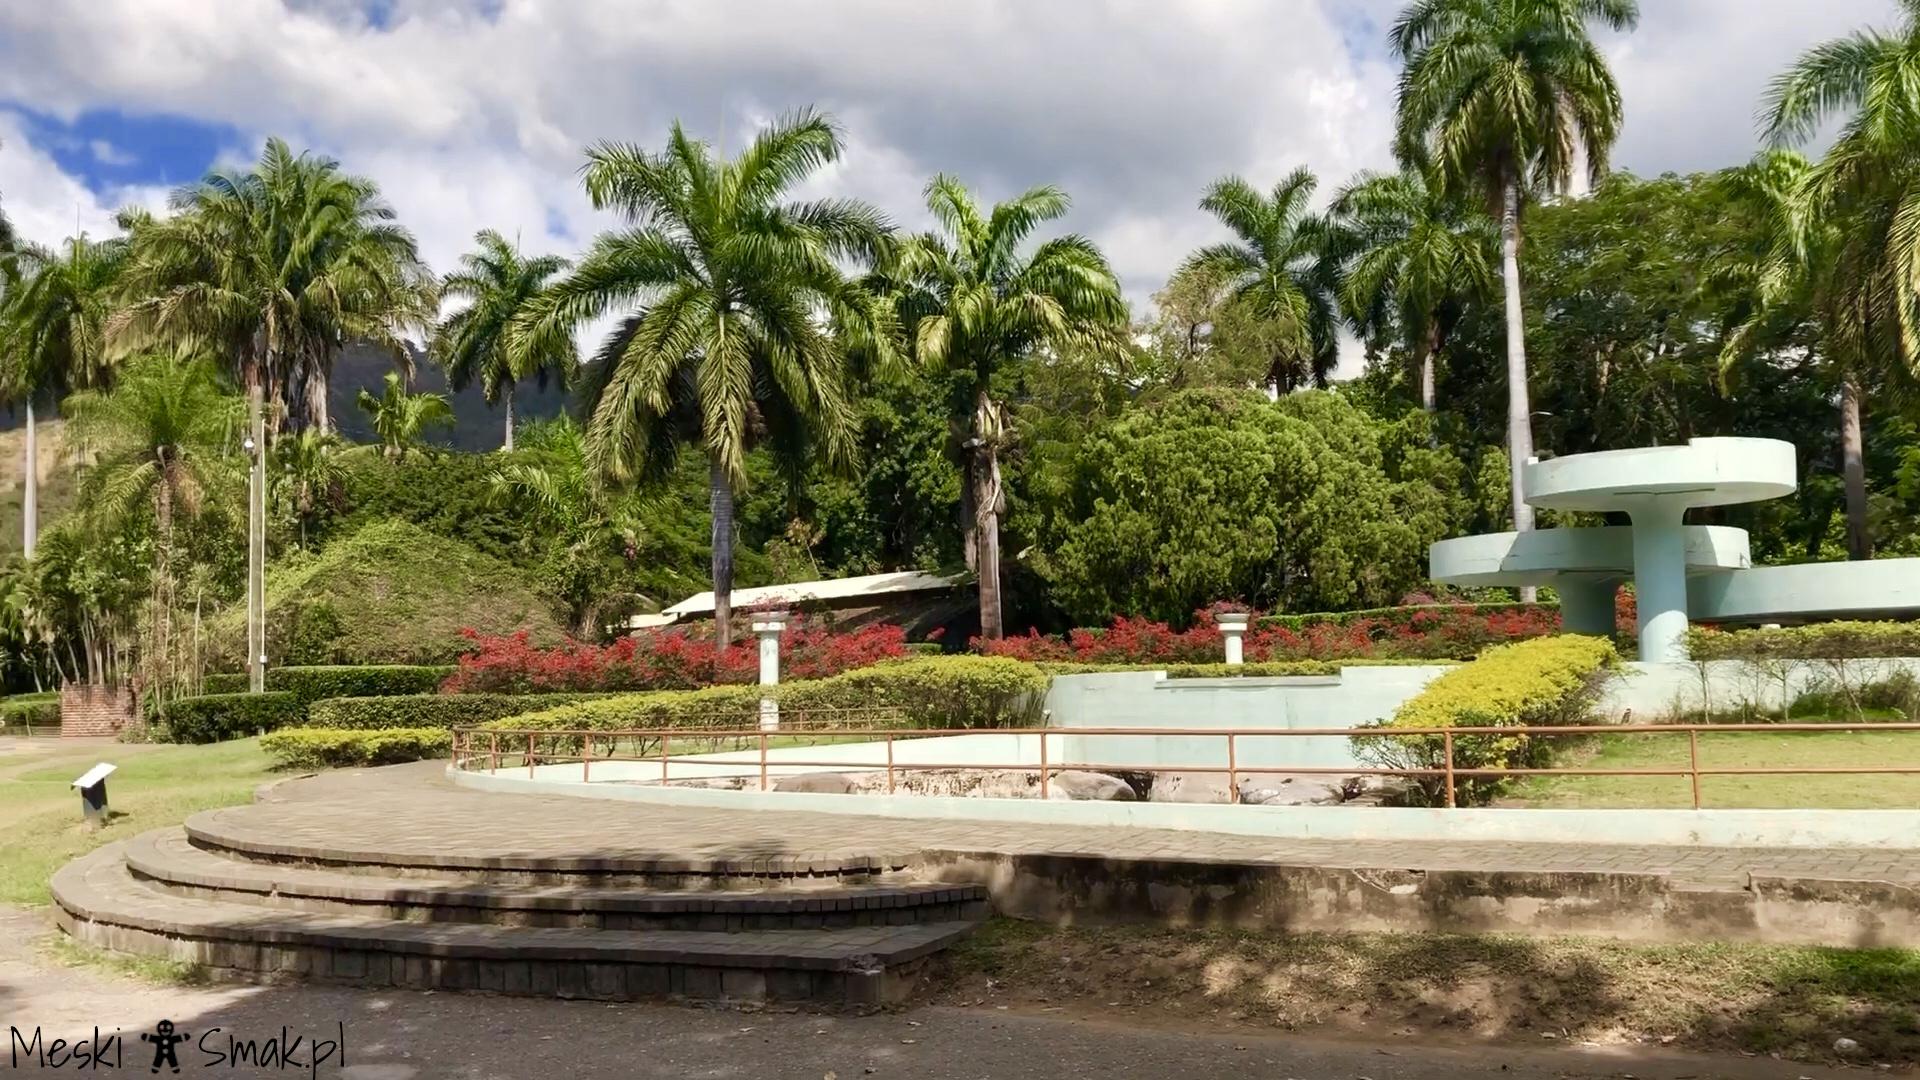 Wakacje i wycieczki Jamajka_wszystko o ogrodach Hope Gardens 3